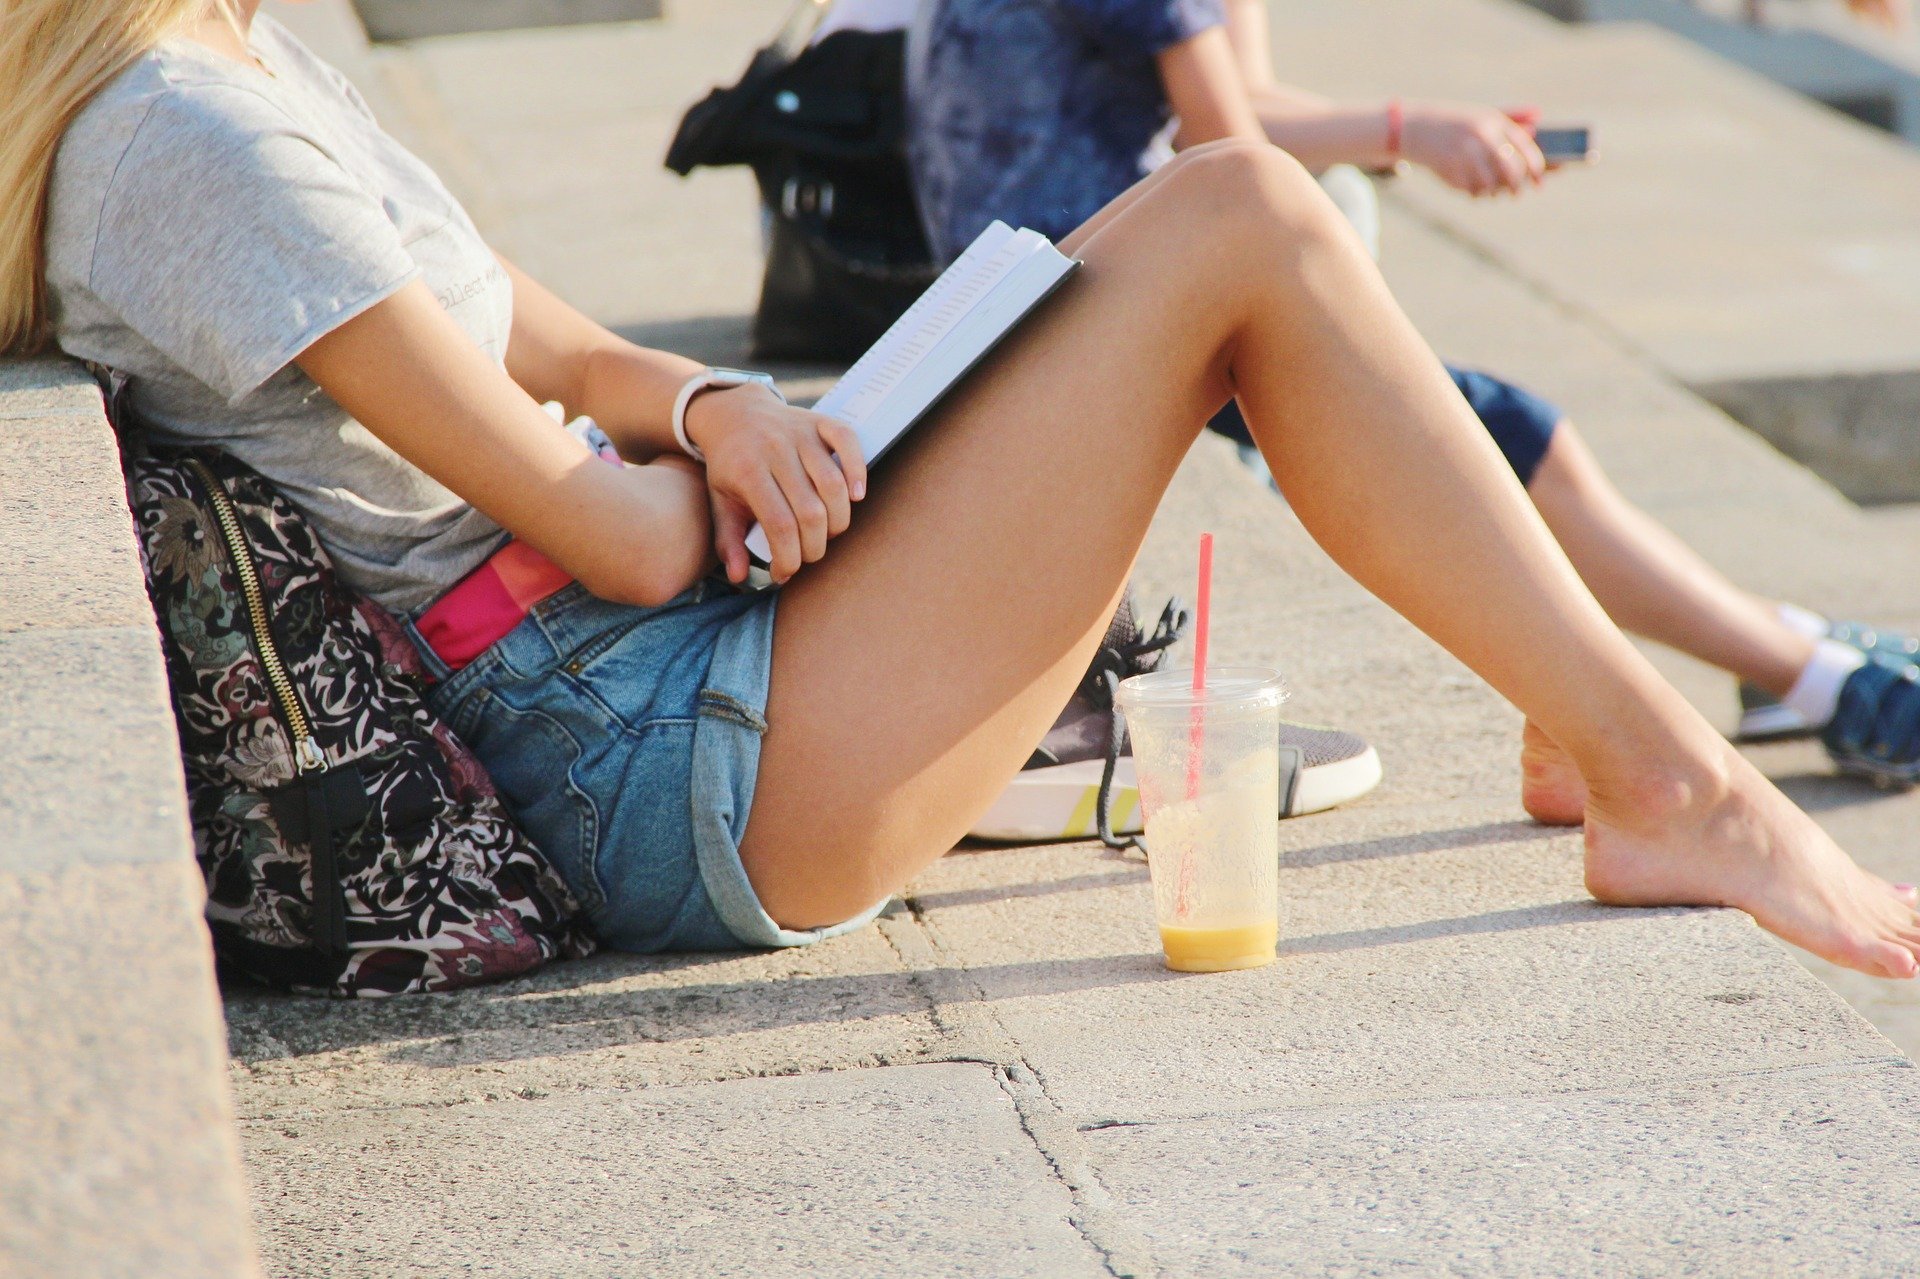 Quelles solutions choisir pour avoir les jambes douces ?